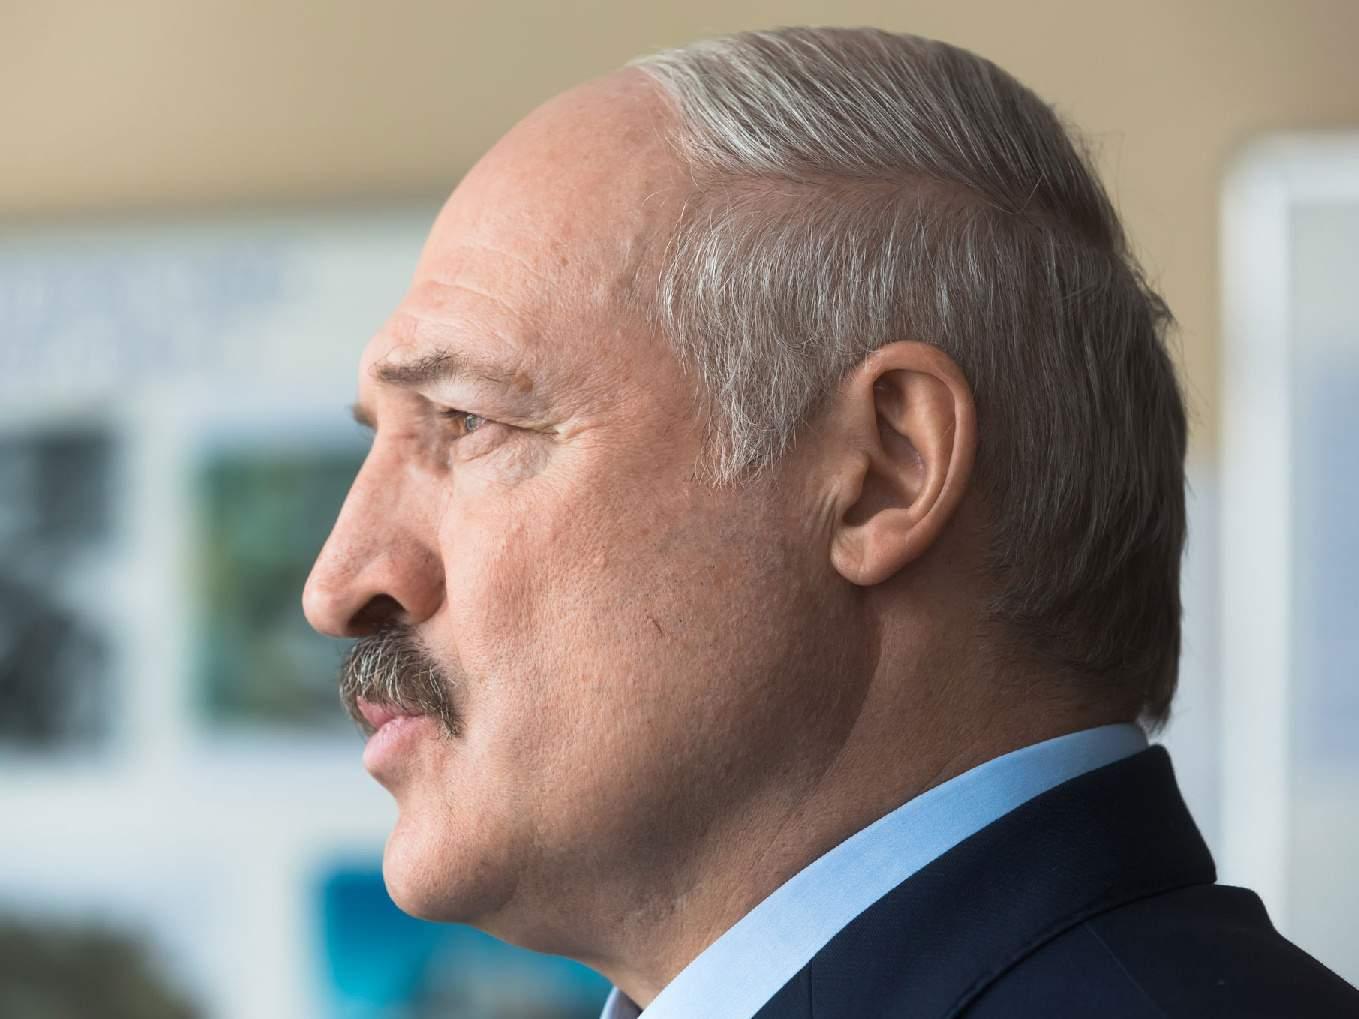 Шутки кончились, 420 заболевших за сутки: В Беларуси пора останавливать футбол